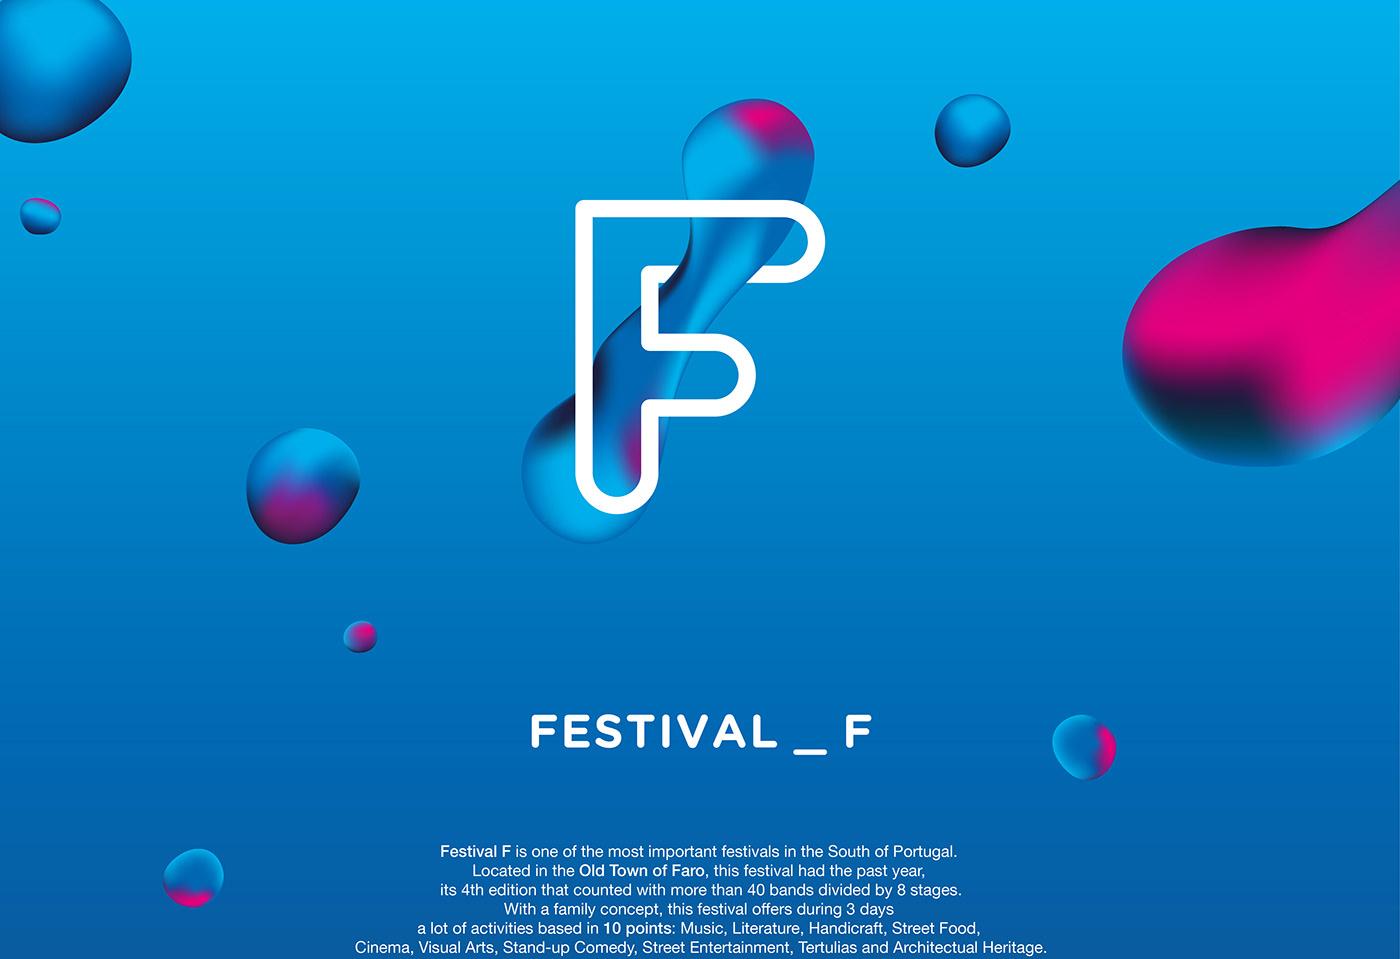 festival summer Festival F brand branding  Portugal Algarve faro